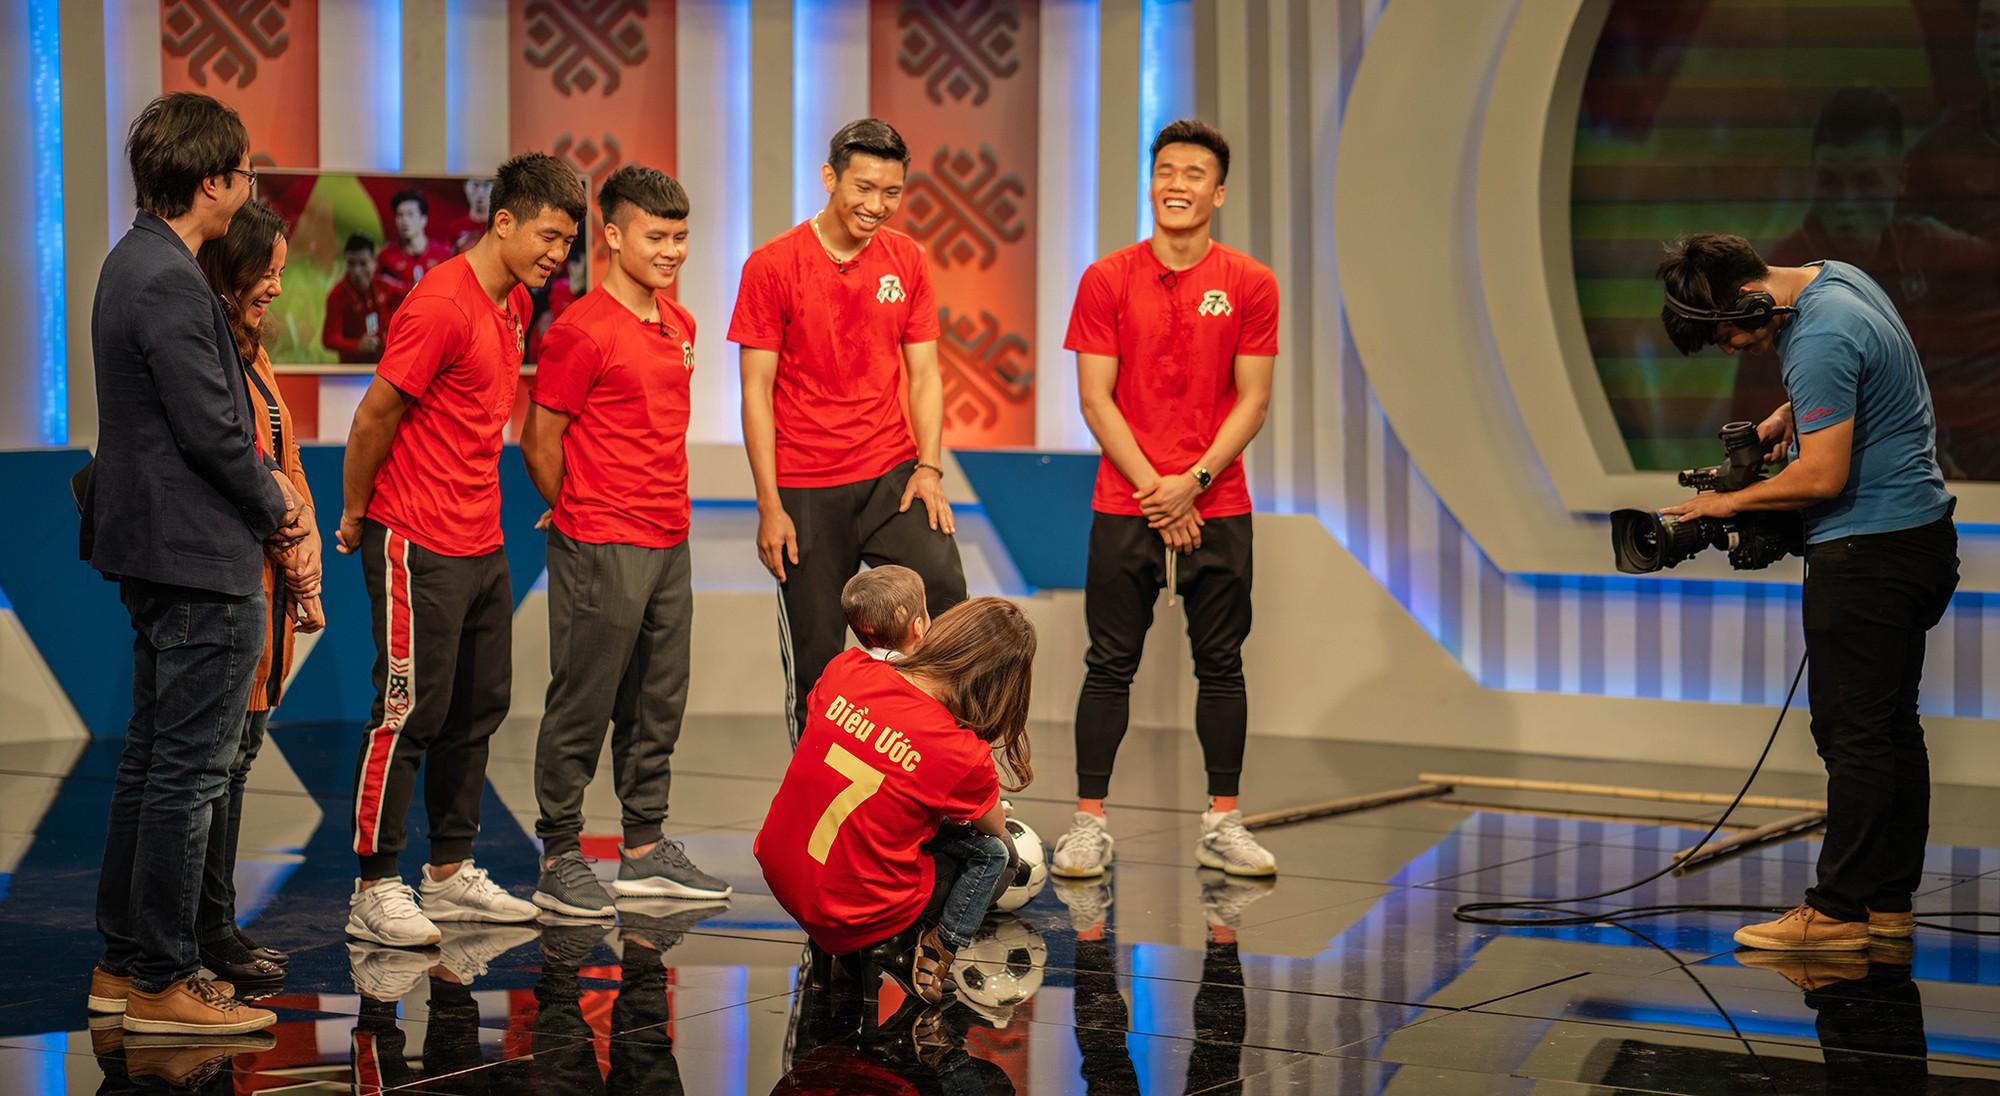 Quang Hải, Đức Chinh bật khóc trong cuộc gặp gỡ xúc động với cậu bé 4 tuổi bị ung thư não trước trận chung kết AFF Cup 2018 - Ảnh 1.